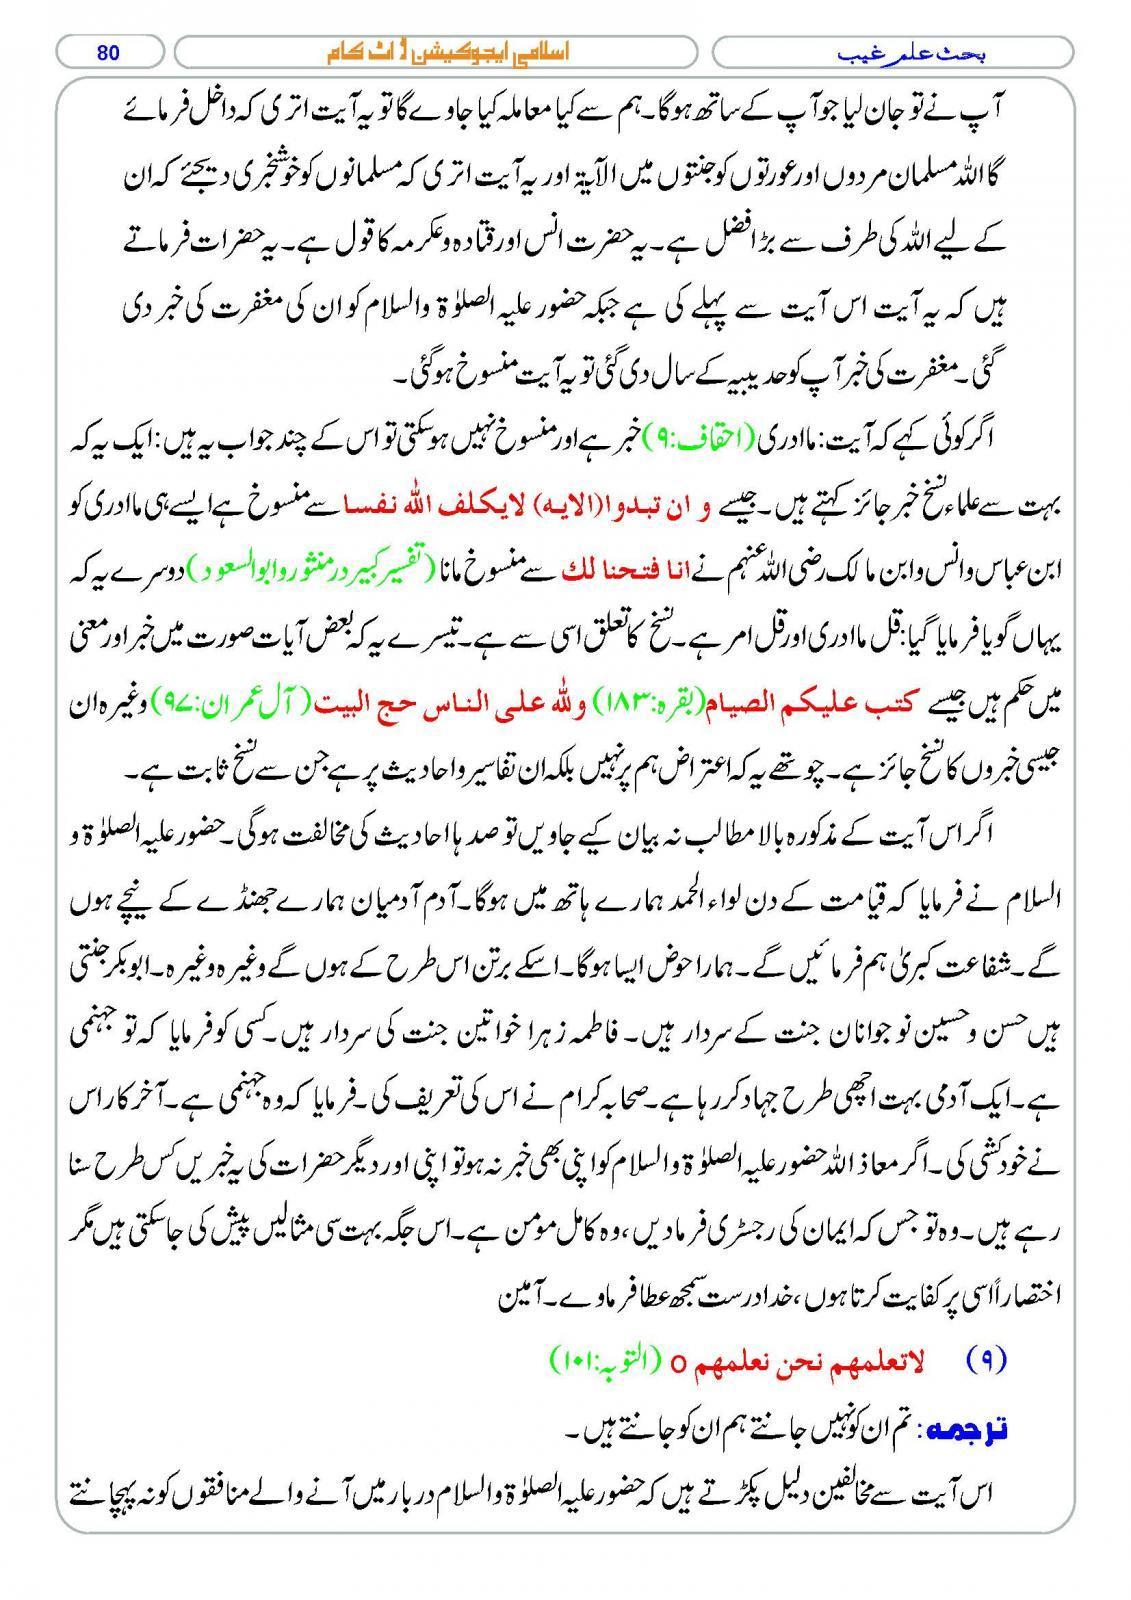 ja-alhaq-chap-02-ilm-e-ghaib_Page_080.jpg